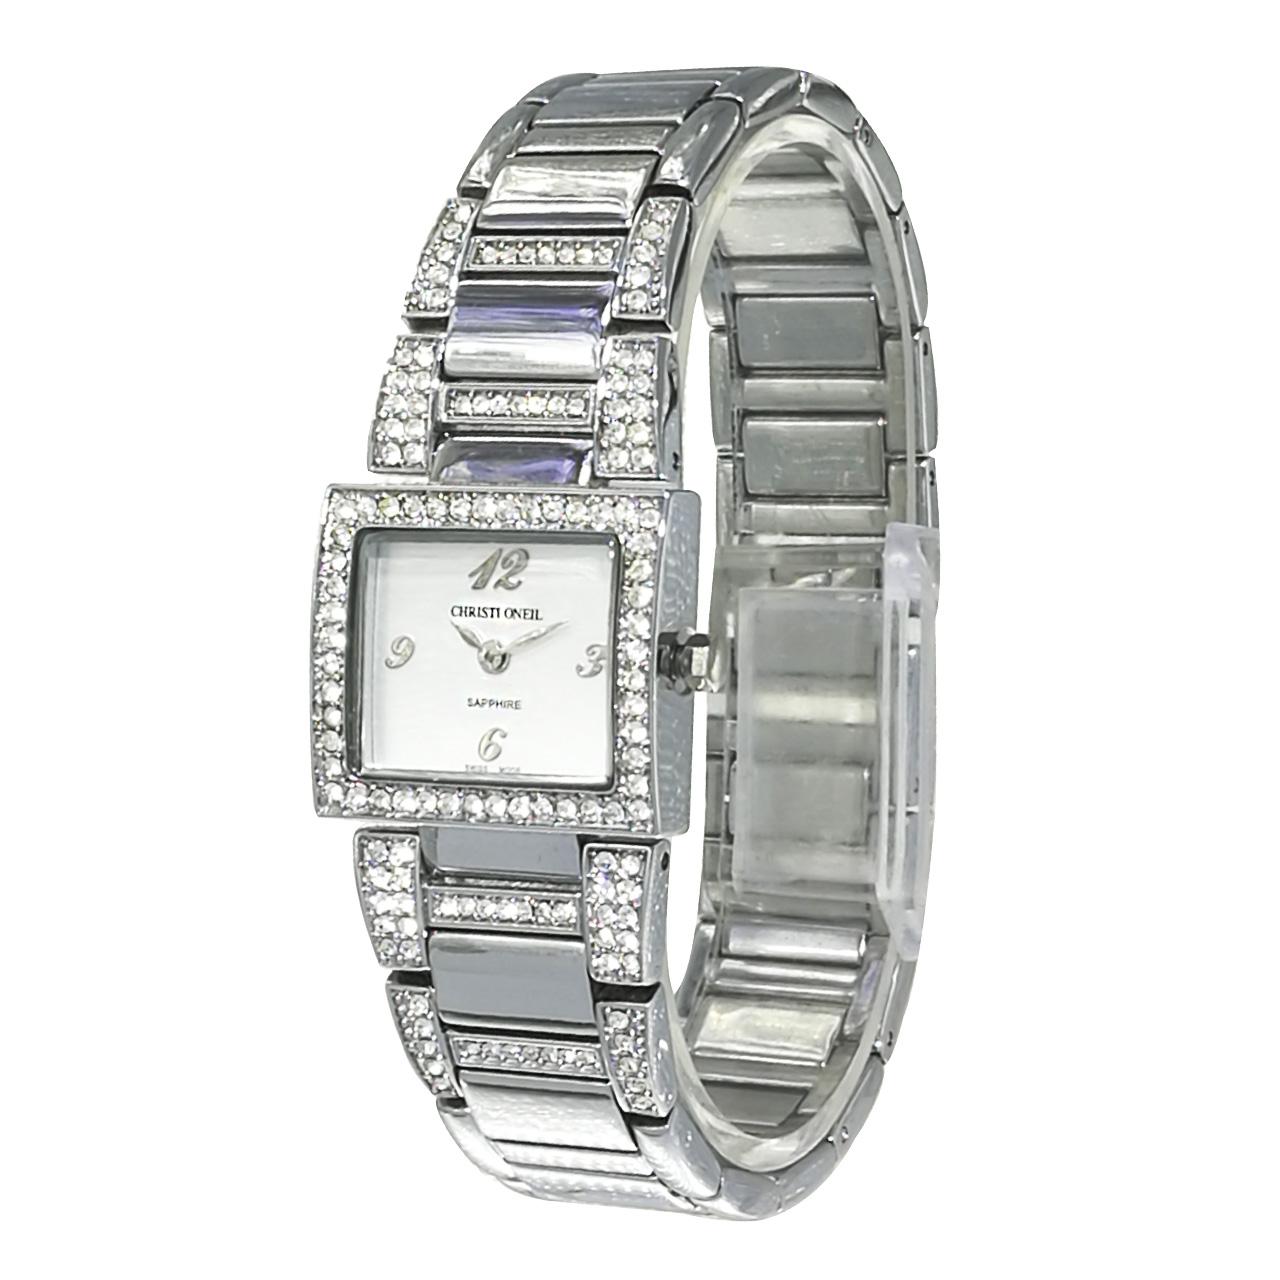 خرید ساعت مچی عقربه ای زنانه کریستی اونیل مدل f012/s